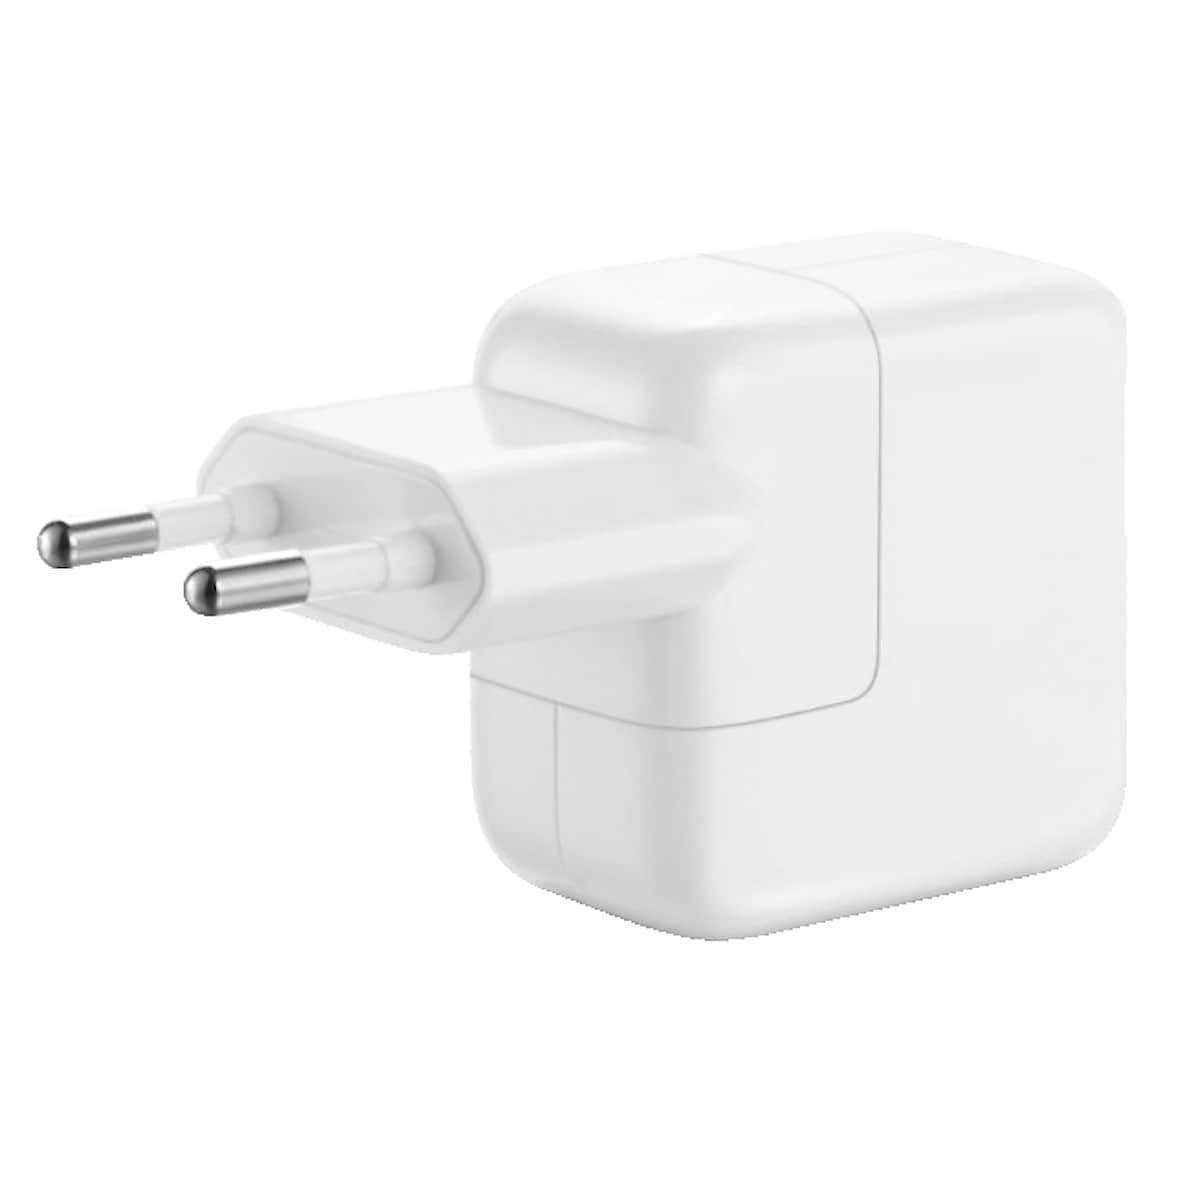 USB nätadapter för iPad, Apple | Clas Ohlson